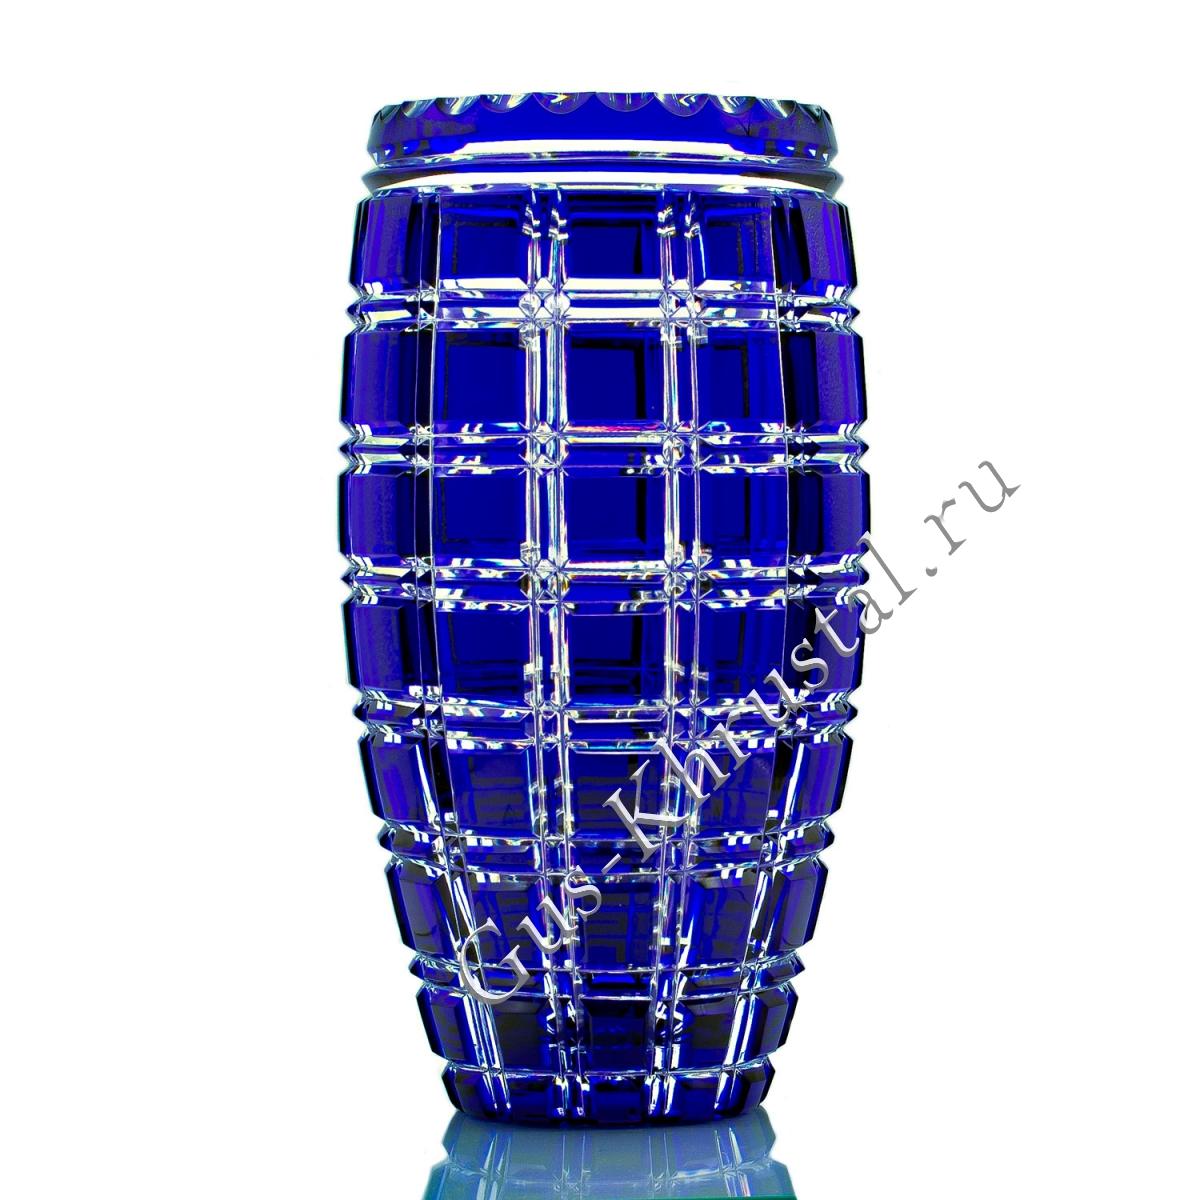 Ваза Хрустальная Для Цветов Астра Синяя